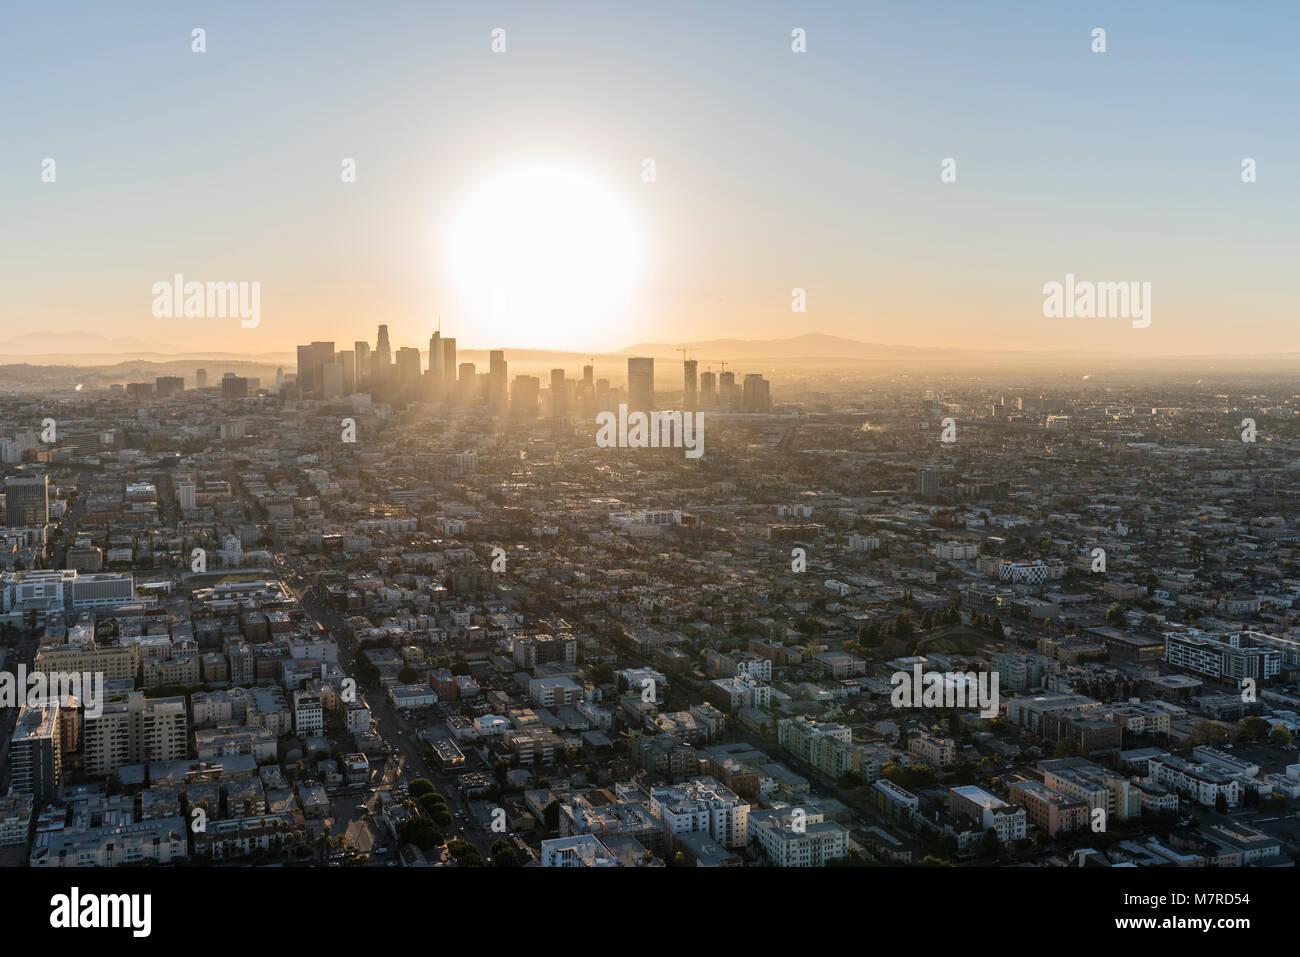 Vue aérienne de lever du soleil derrière les rues et les bâtiments dans le noyau urbain de Los Angeles Photo Stock